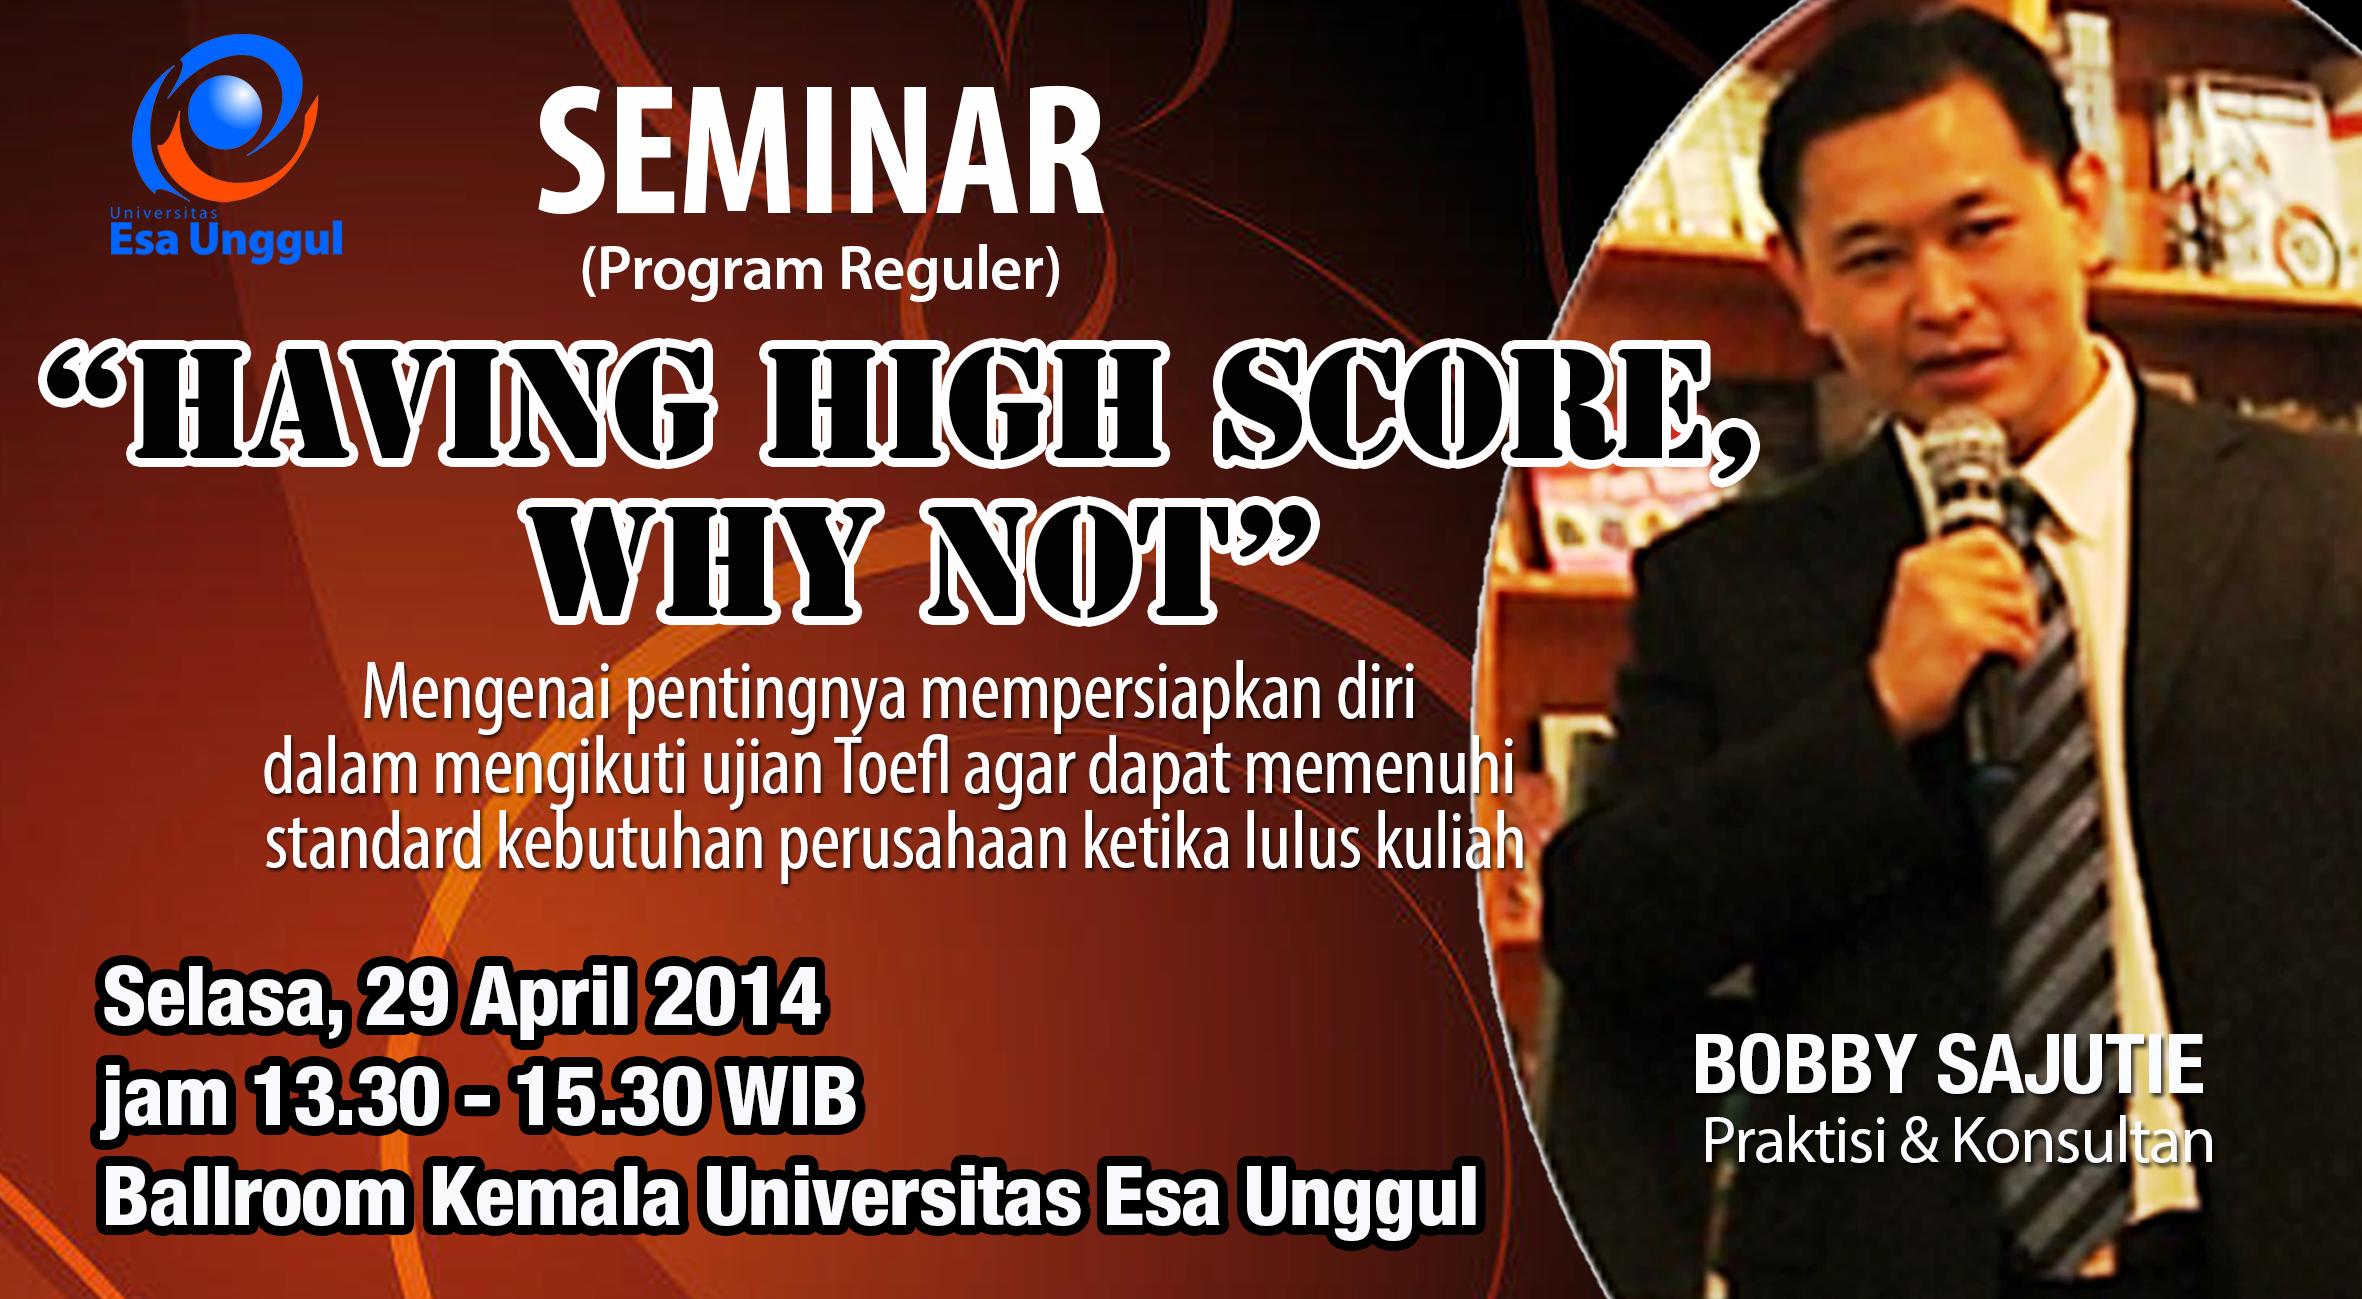 """Universitas Esa Unggul menyelenggarakan Seminar """"Having High Score, Why not"""" untuk Program Reguler pada 29 April 2014, di Ballroom Kemala Universitas Esa Unggul"""